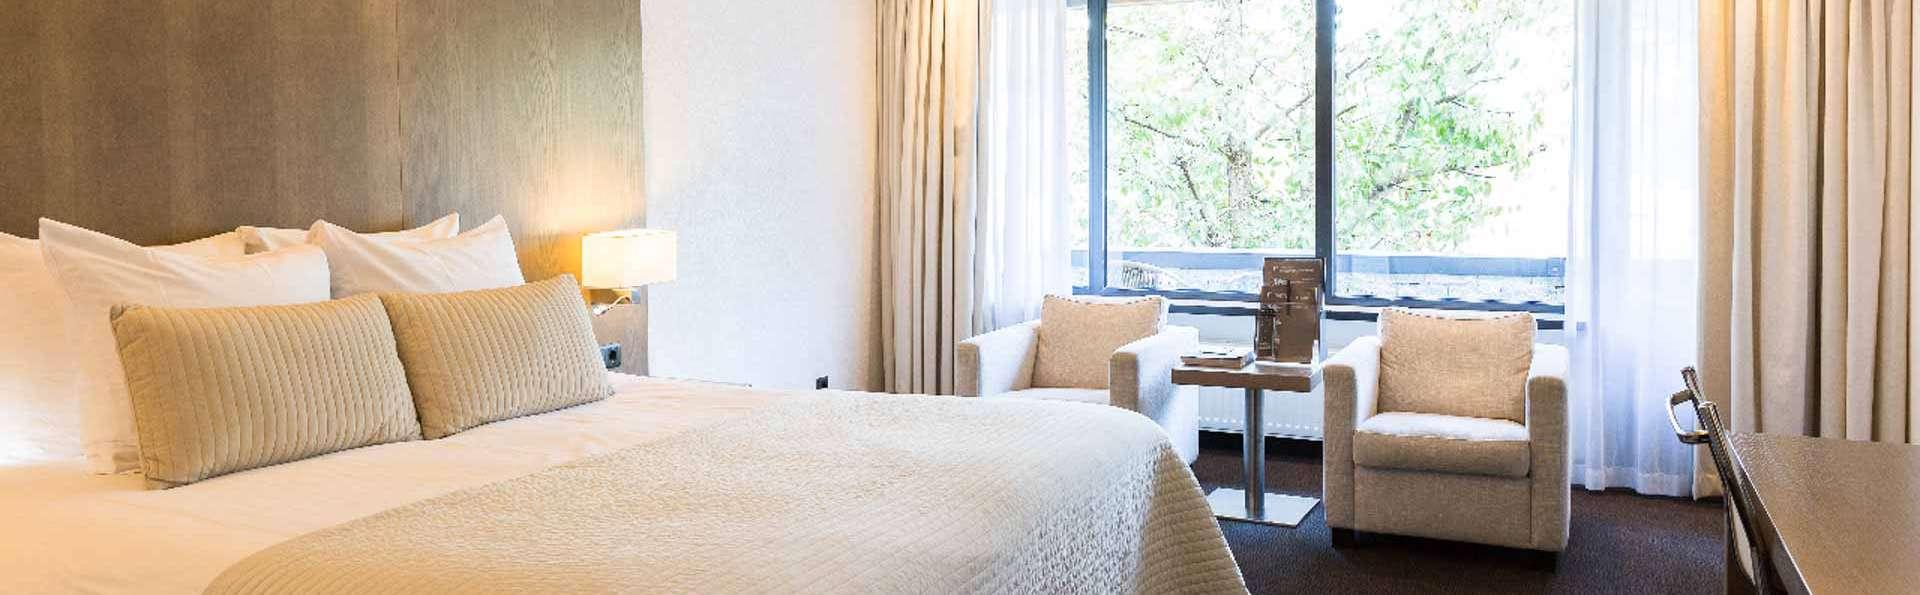 Van der Valk hotel de Bilt - Utrecht - Edit_COMFORT2.jpg